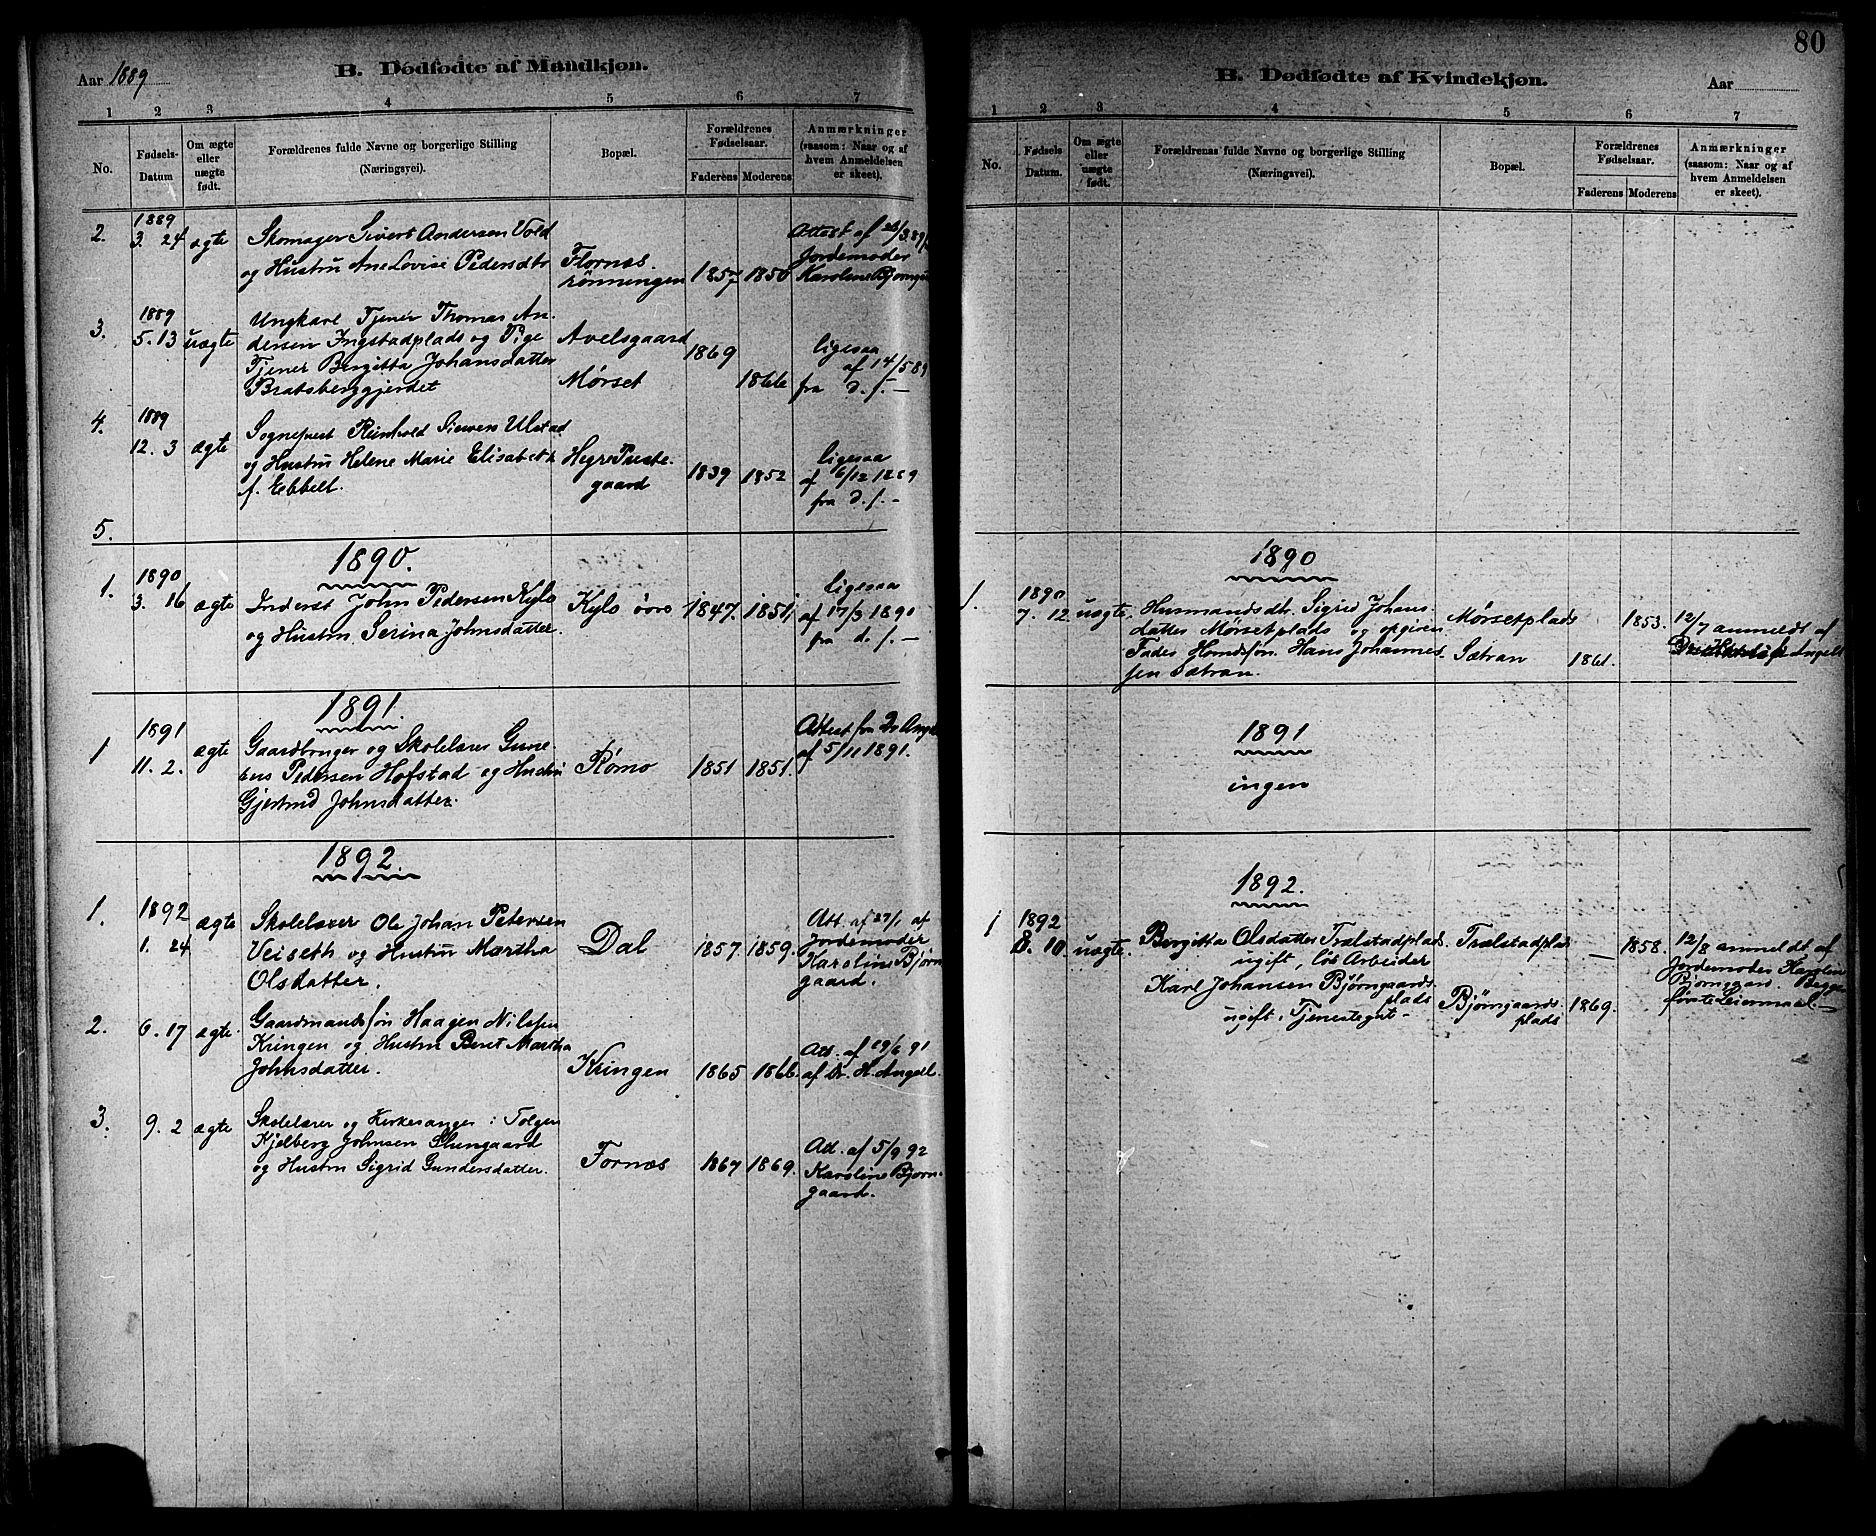 SAT, Ministerialprotokoller, klokkerbøker og fødselsregistre - Nord-Trøndelag, 703/L0030: Parish register (official) no. 703A03, 1880-1892, p. 80